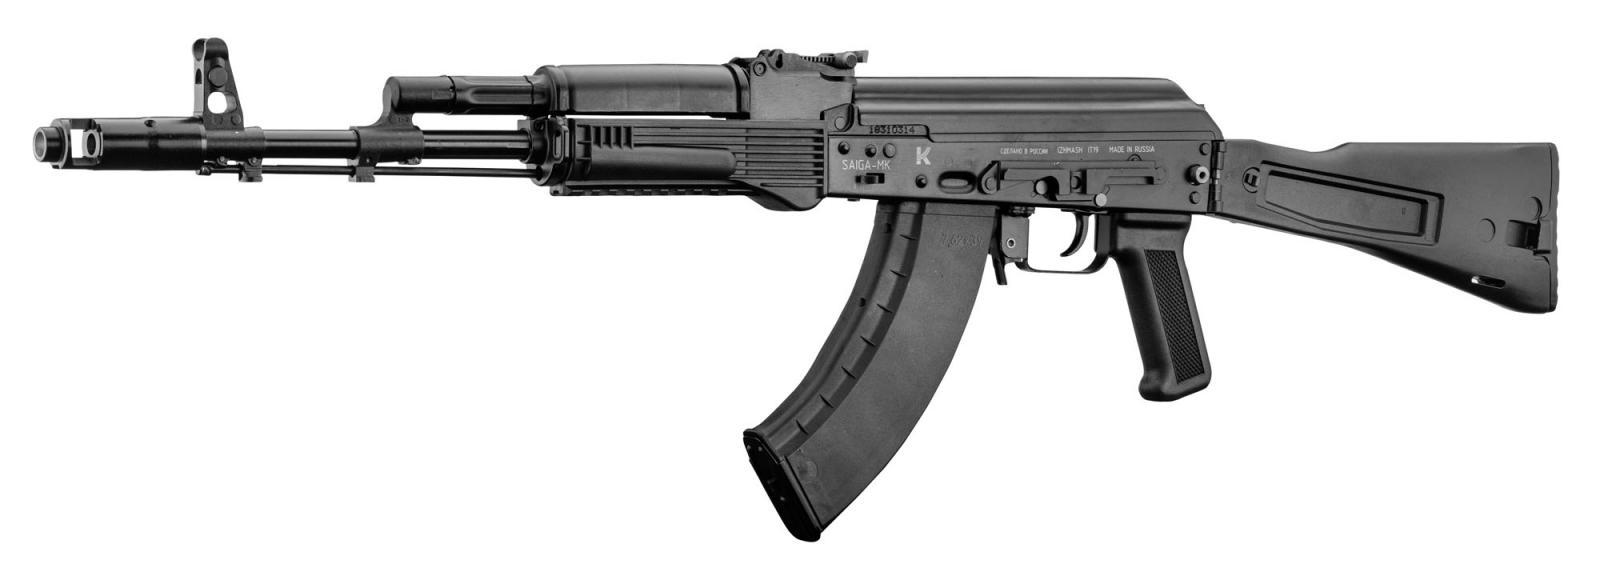 Carabine IZHMASH KALASHNIKOV SAIGA MK-103 Cal 7.62x39